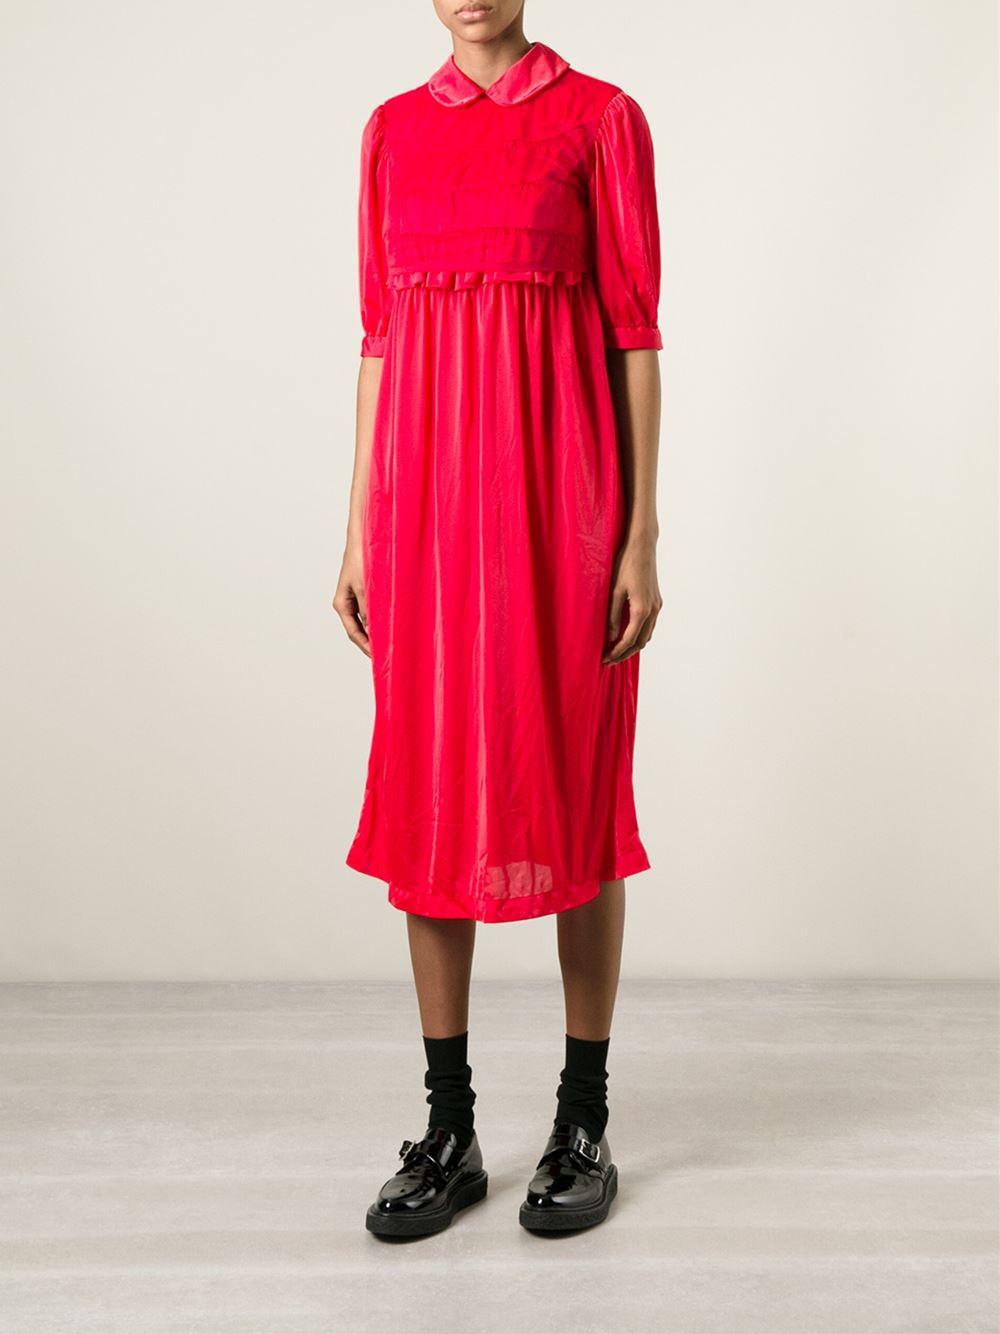 comme des gar ons frill detail dress in red lyst. Black Bedroom Furniture Sets. Home Design Ideas